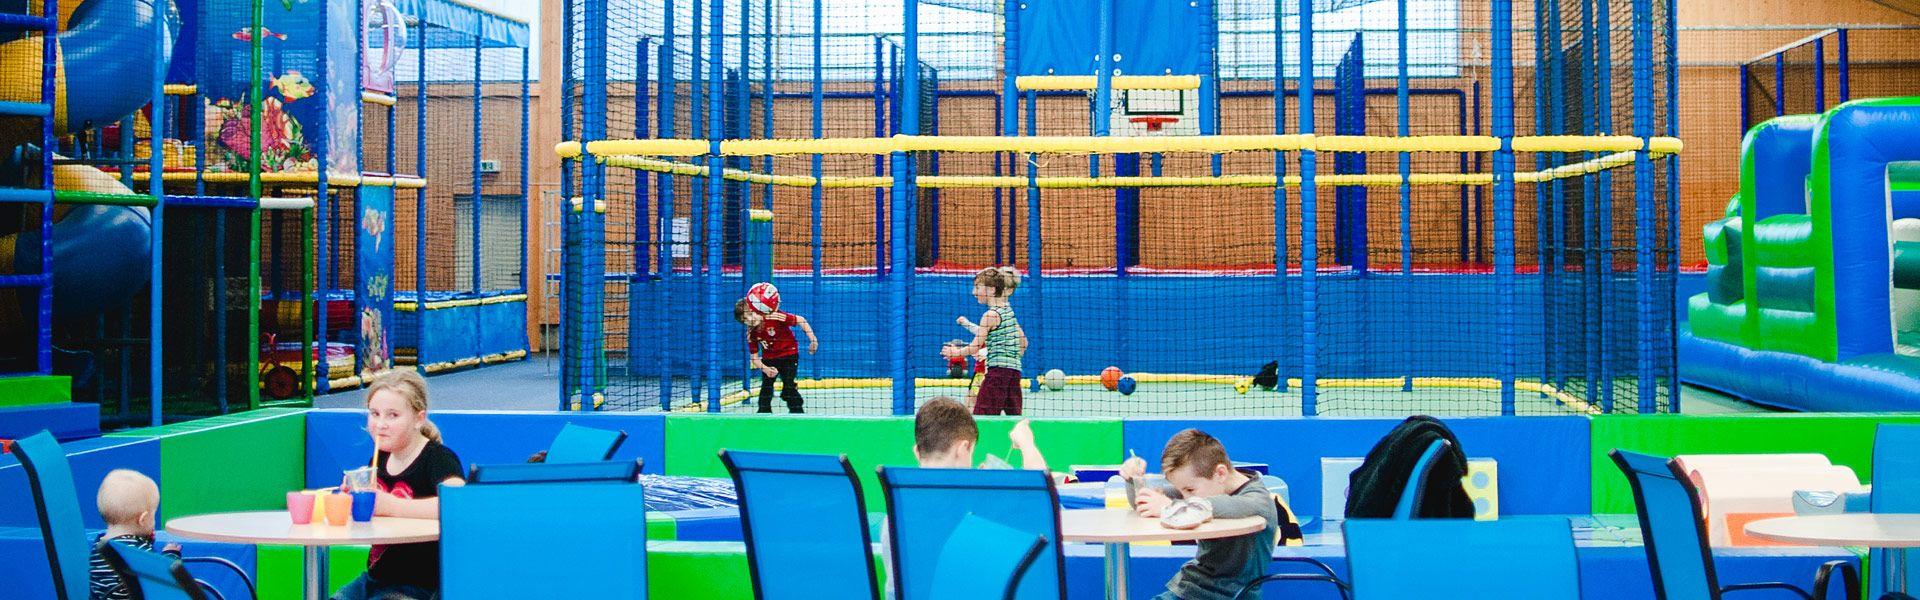 Übersicht über die Halle mit spielenden Kindern